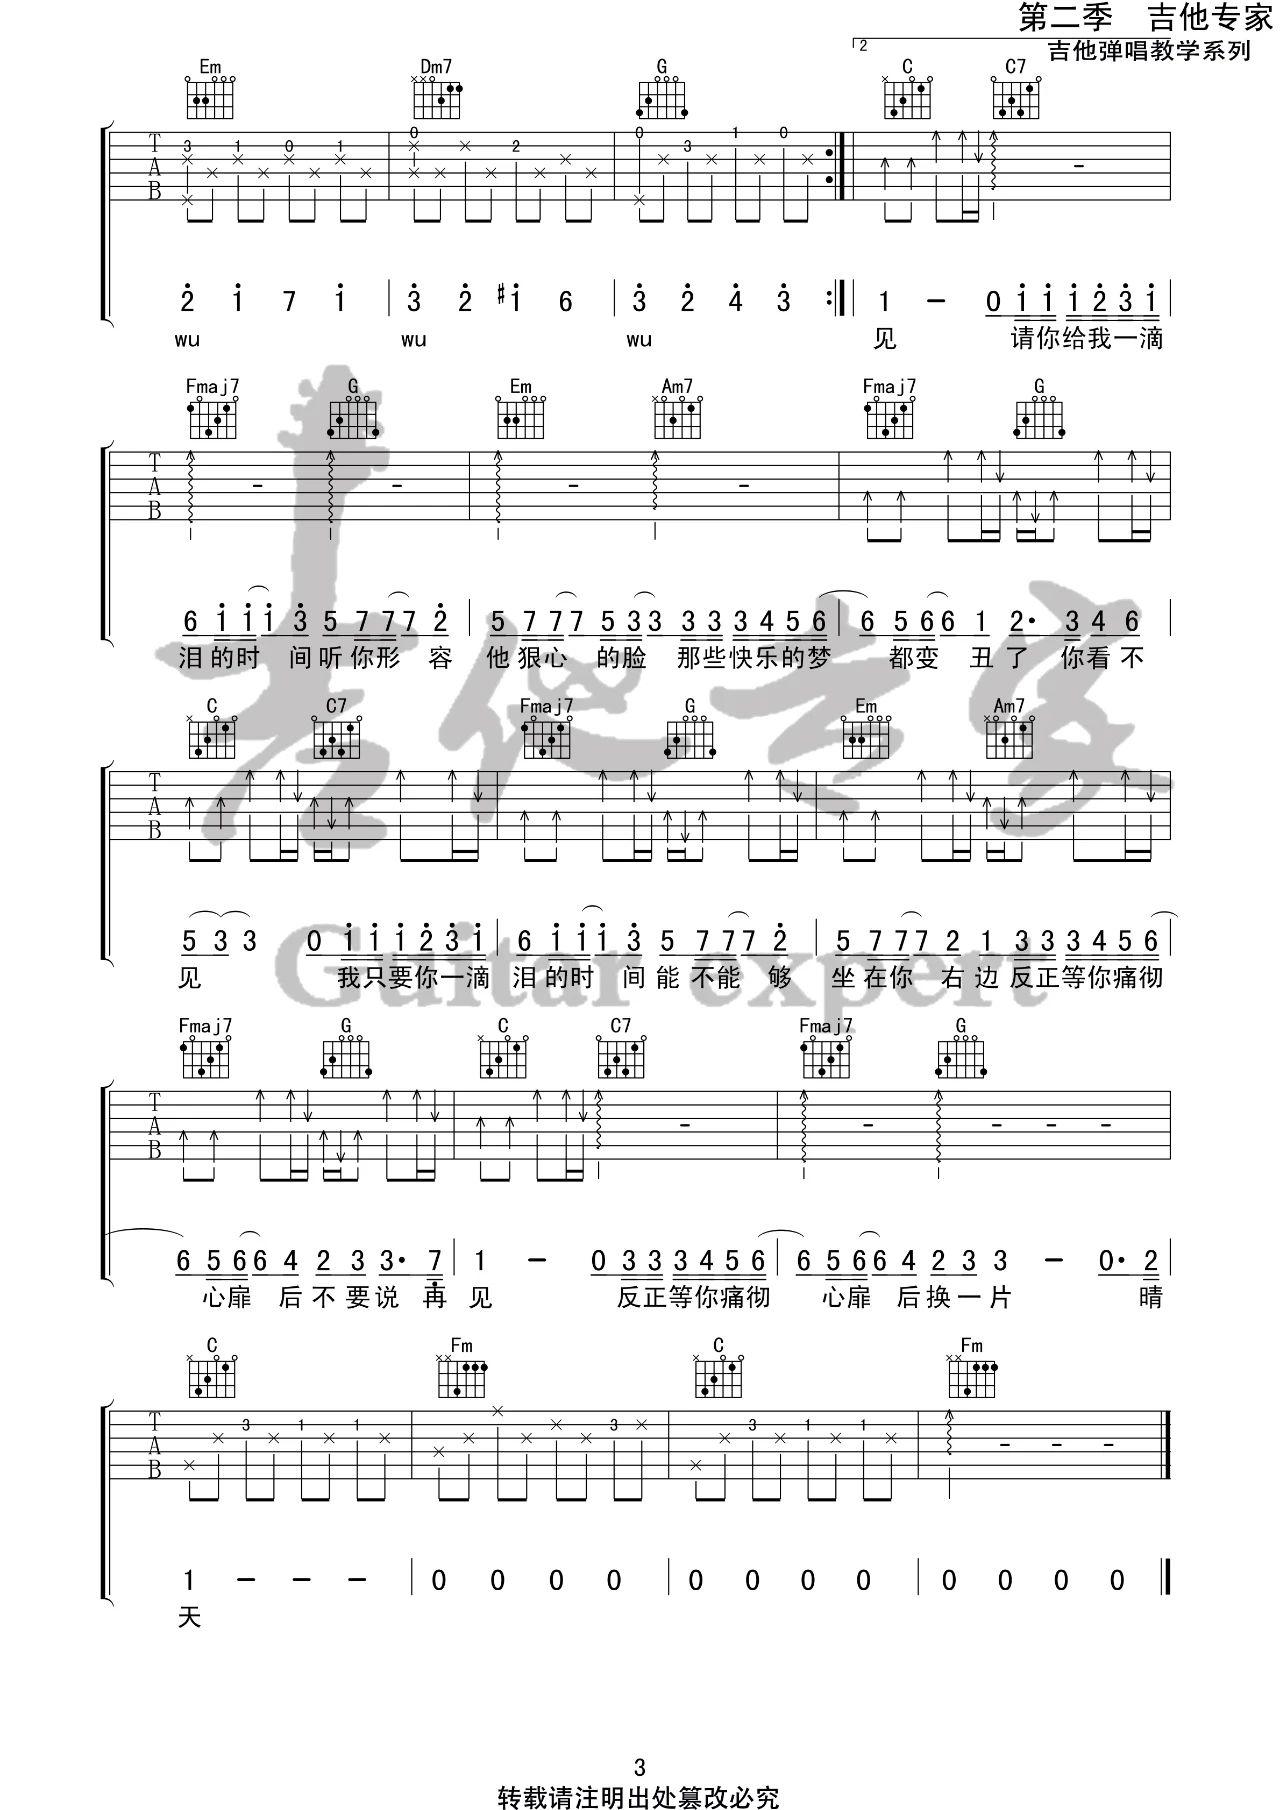 吉他派《一滴泪的时间》吉他谱-3